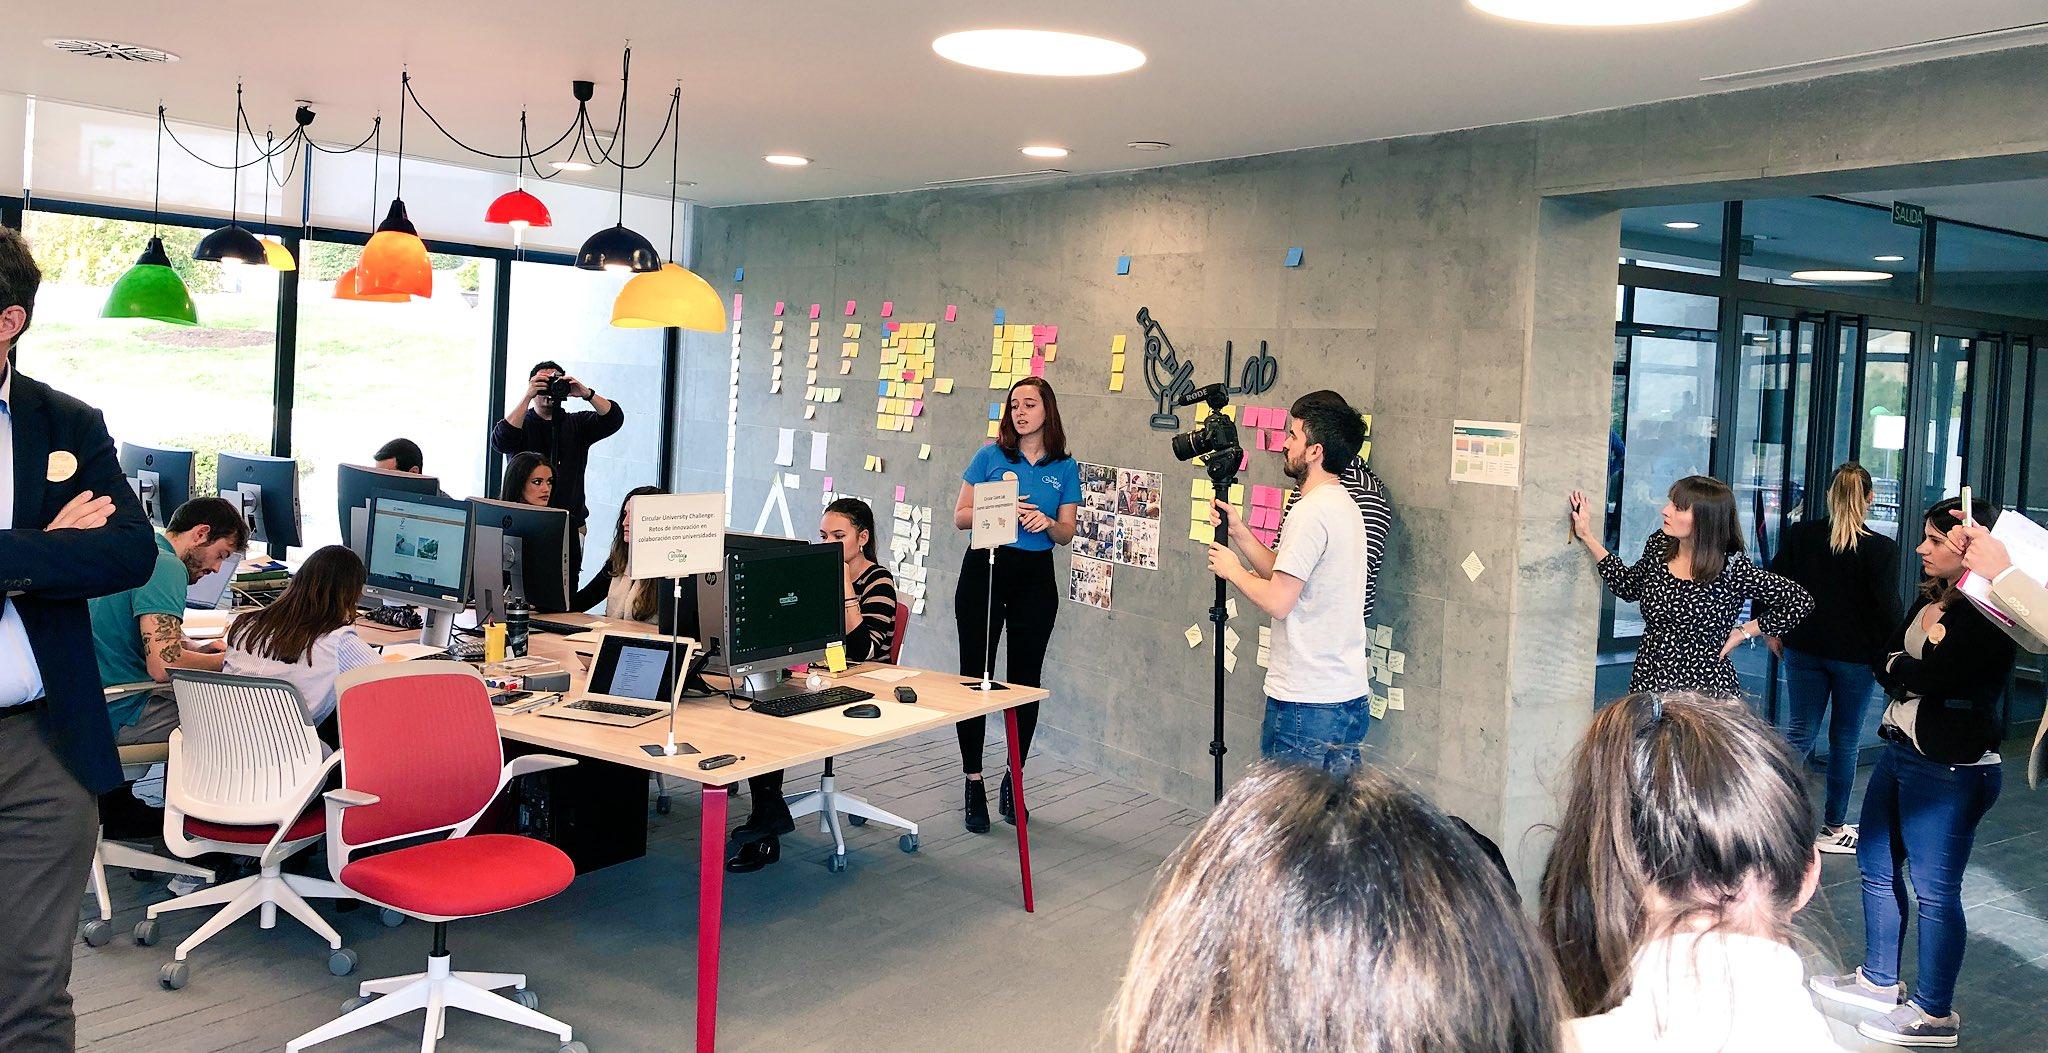 El Circular Talent Lab, espacio destinado a los jóvenes talentos emprendedores.